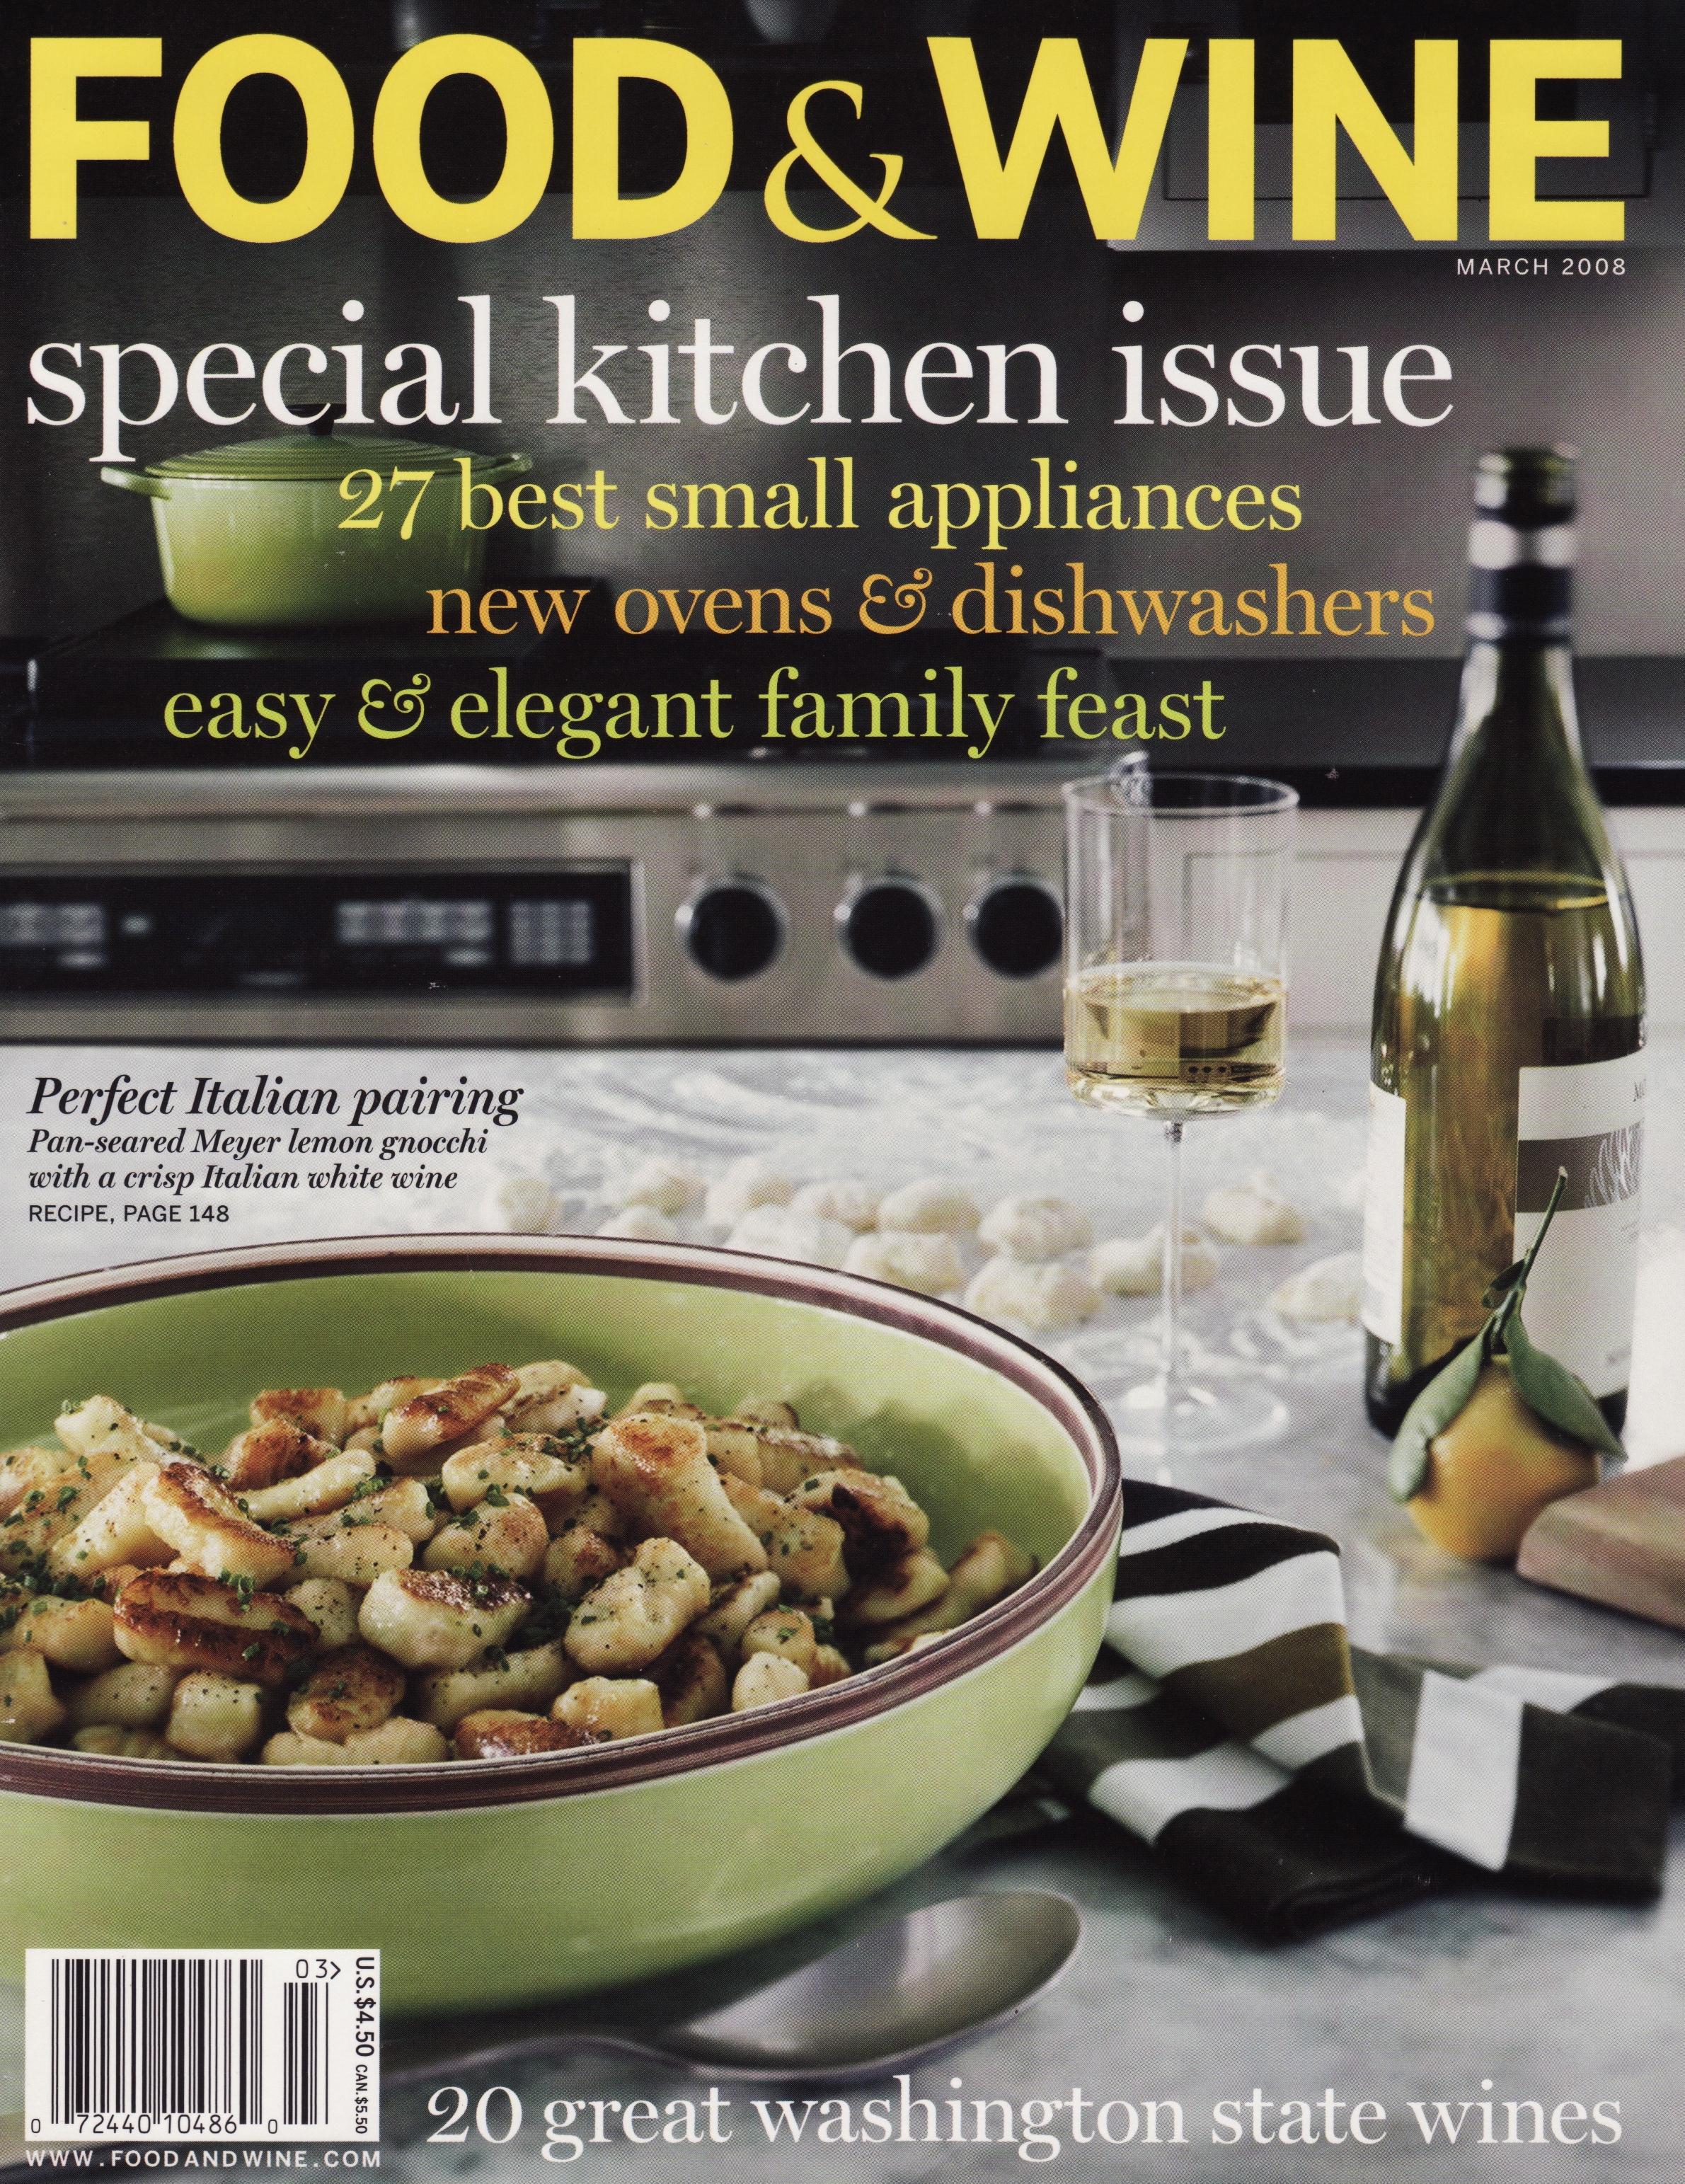 food & wine mar 2008.jpg